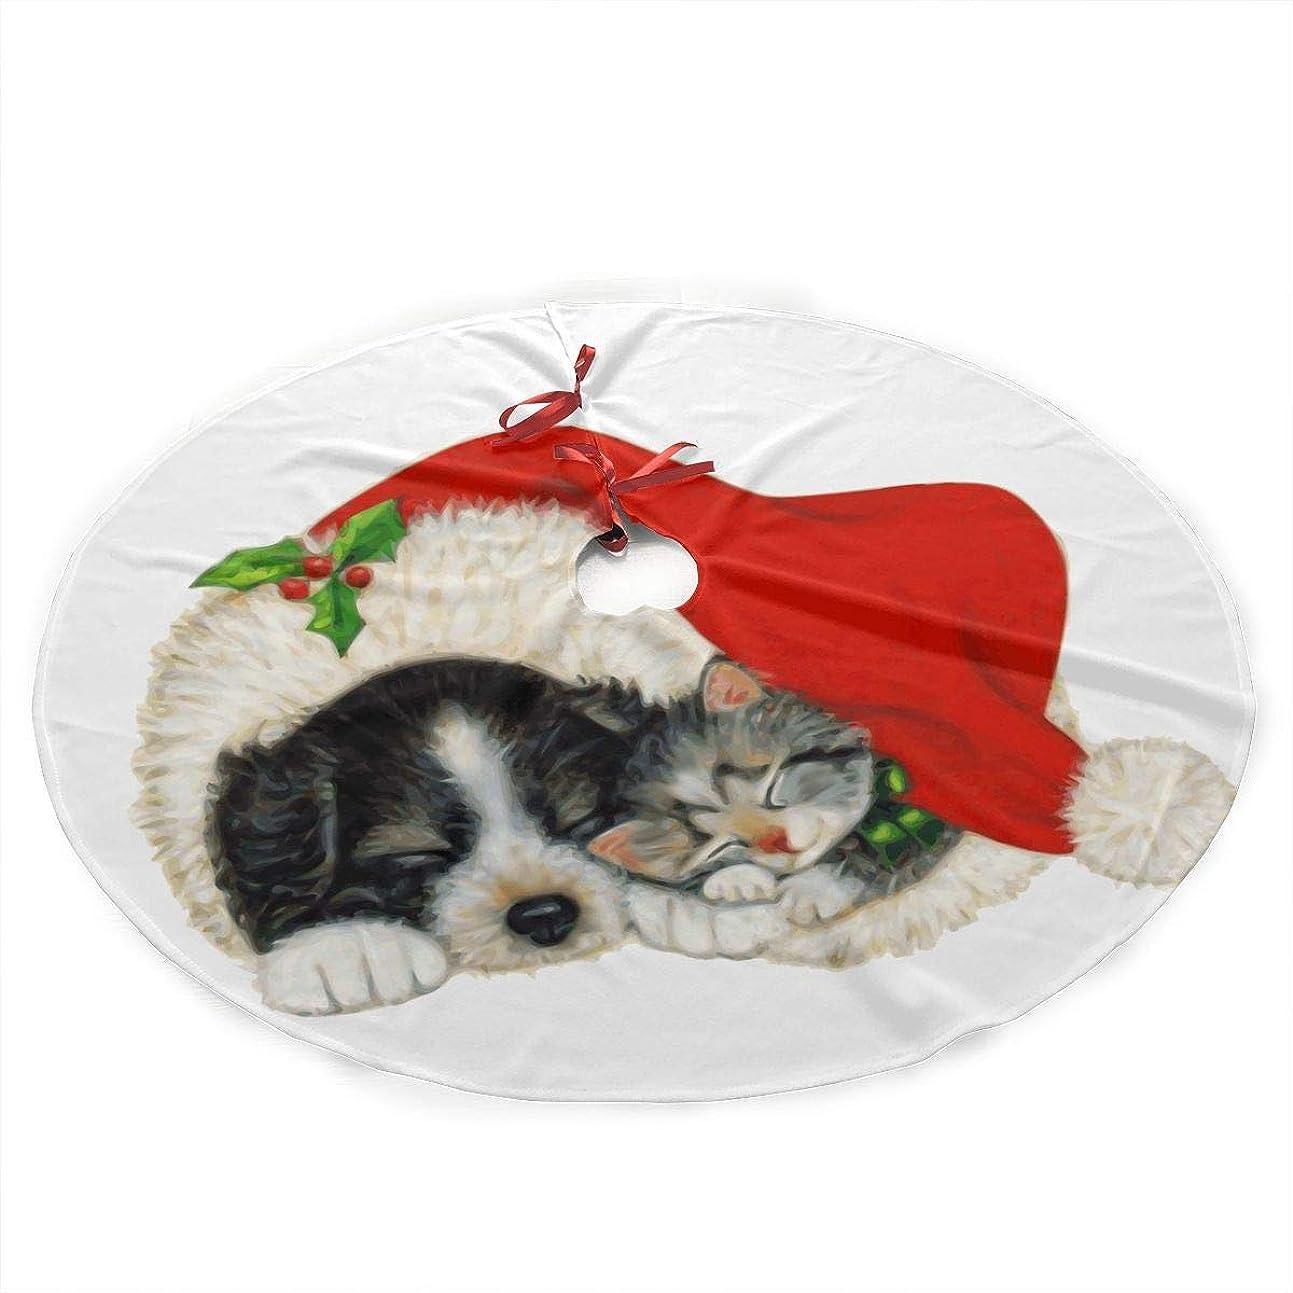 子供達第九共産主義者Christmas Black Cat Dog Under Christmas Artificial Tree Skirt Carpet Mat Protective Cover Themed Round Pad Classic Xmas Decorations (30 Inch)